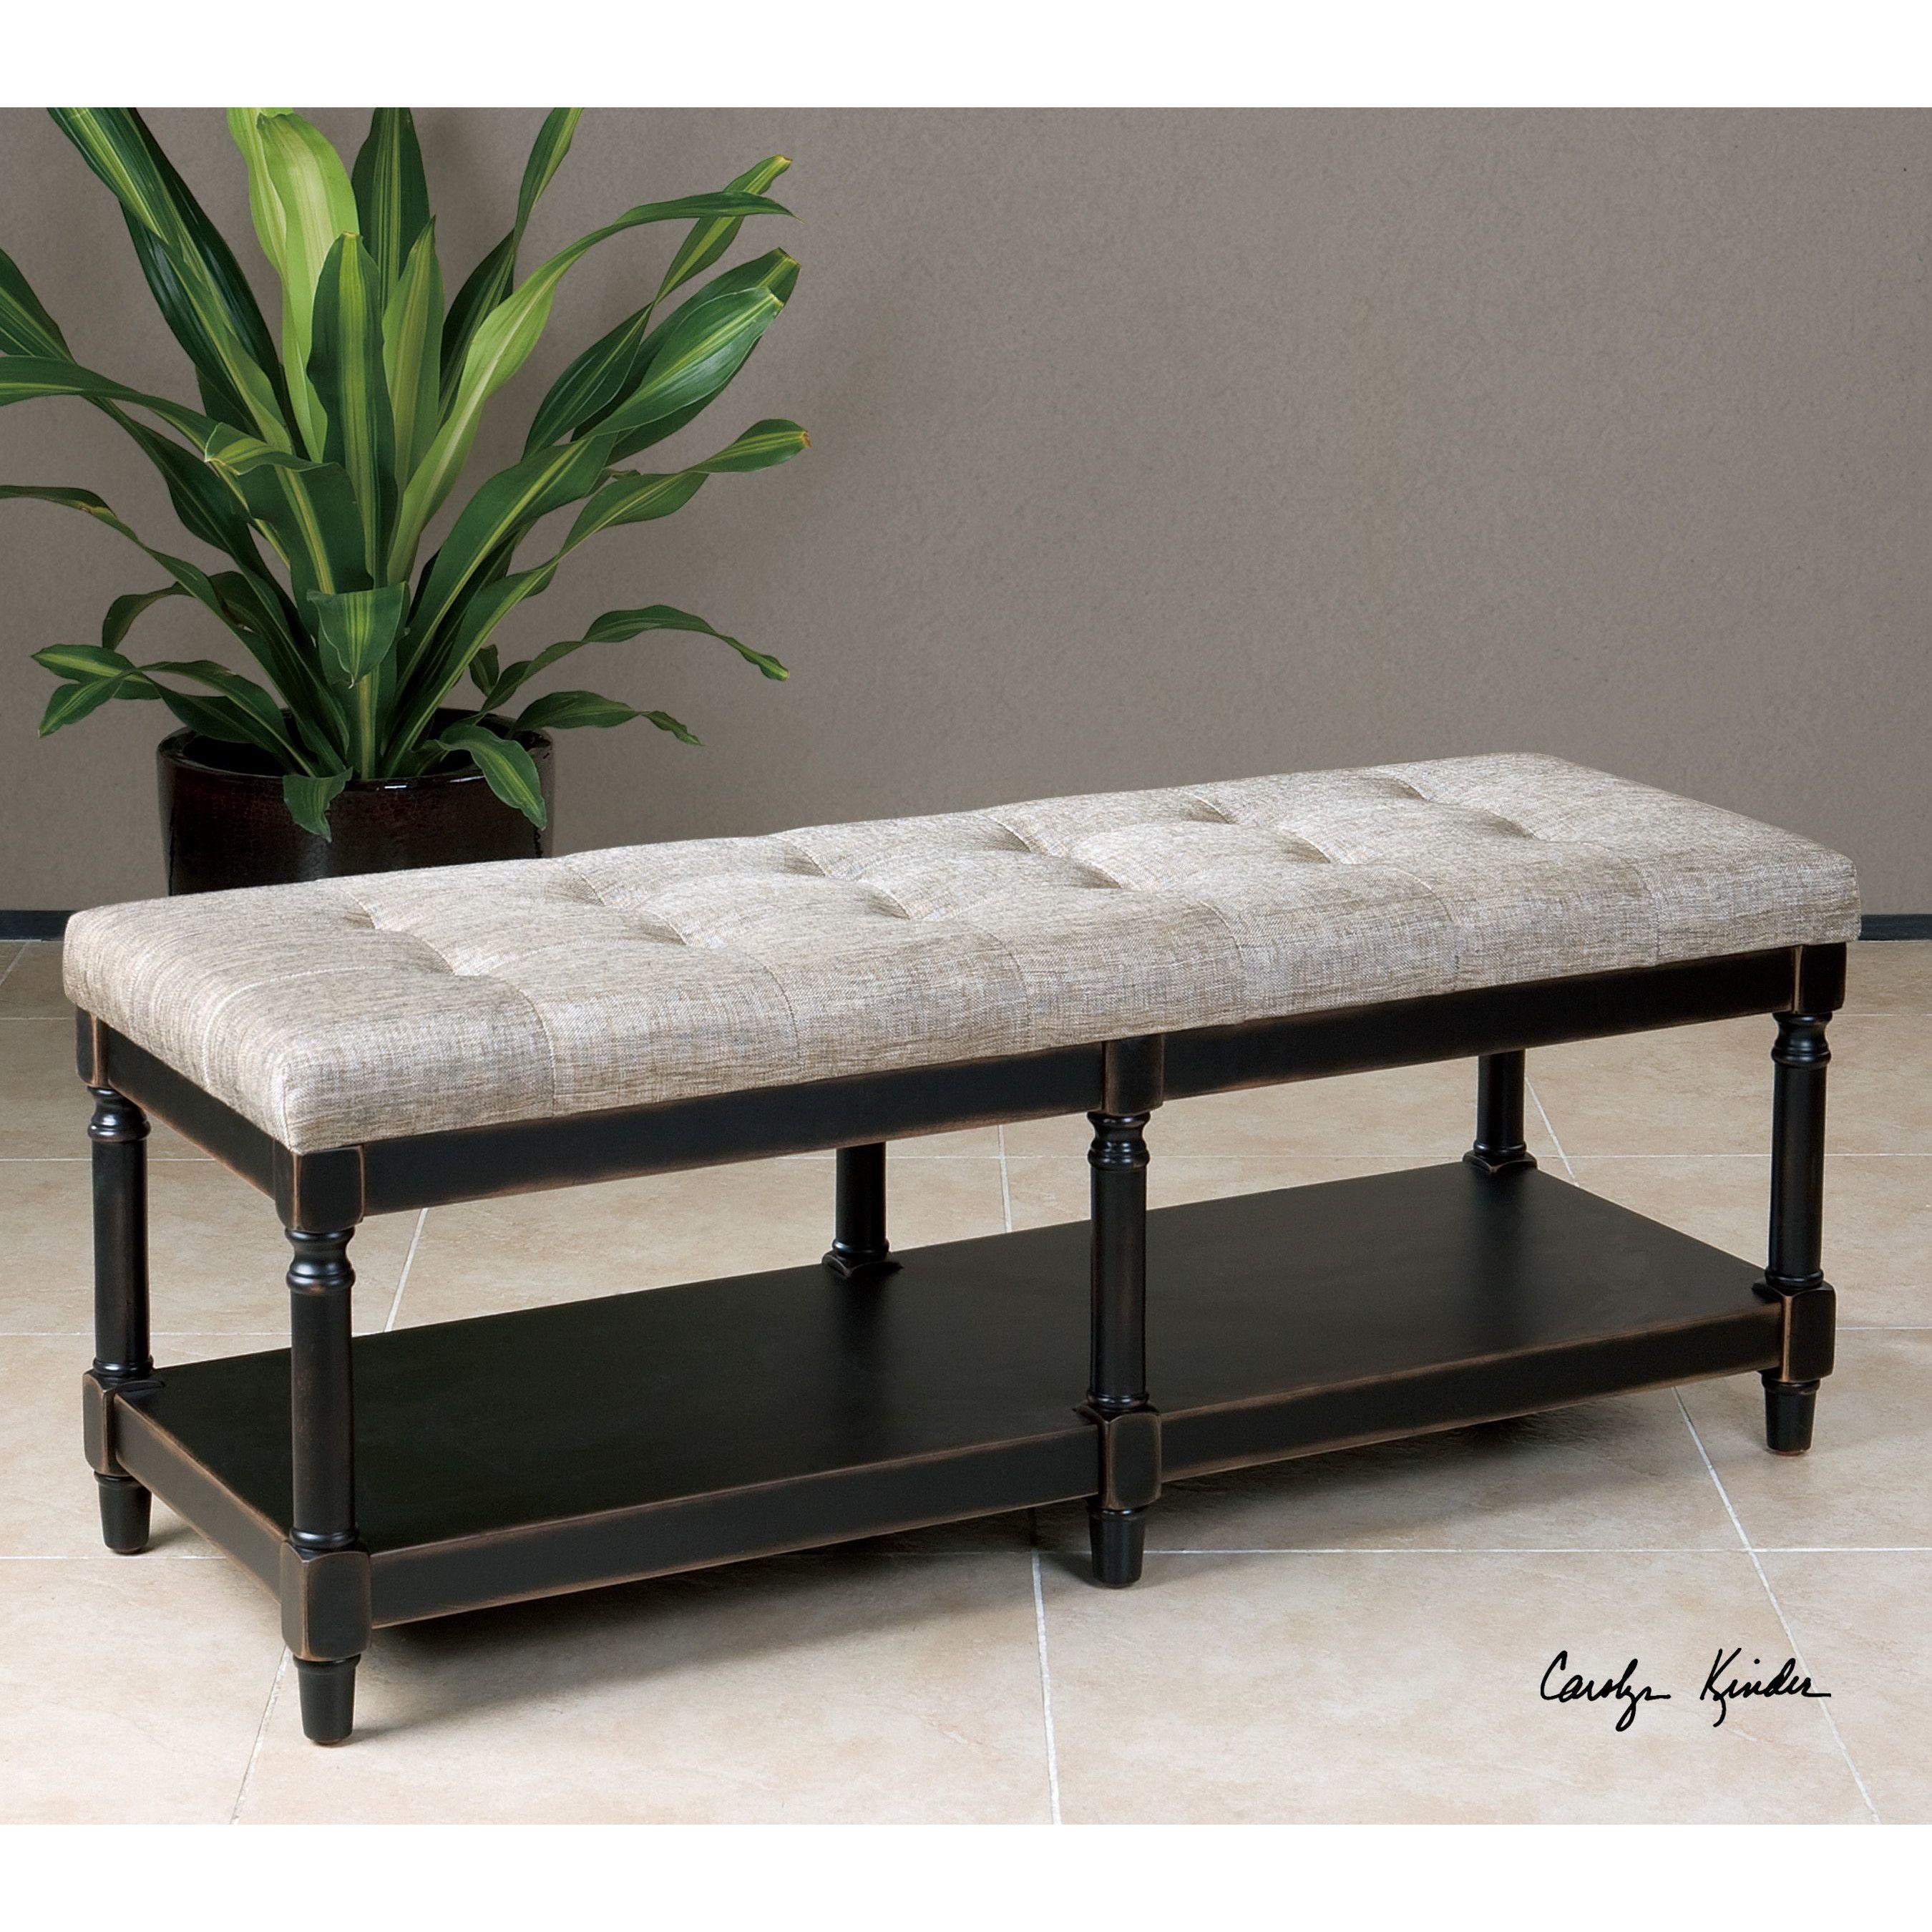 serafino upholstered bedroom bench | panchine, stanze da letto e ... - Panche Per Camera Da Letto